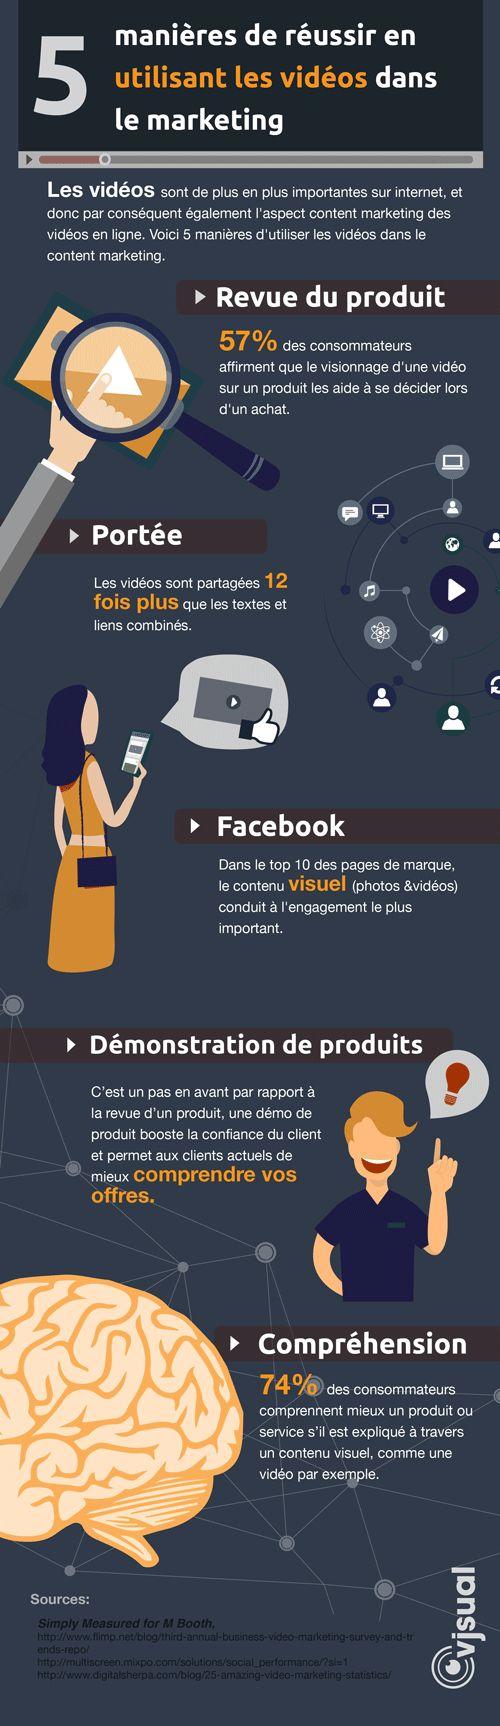 Comment réussir en utilisant les vidéos en #Marketing ? 5 conseils en #infographie ! by pme-web.com